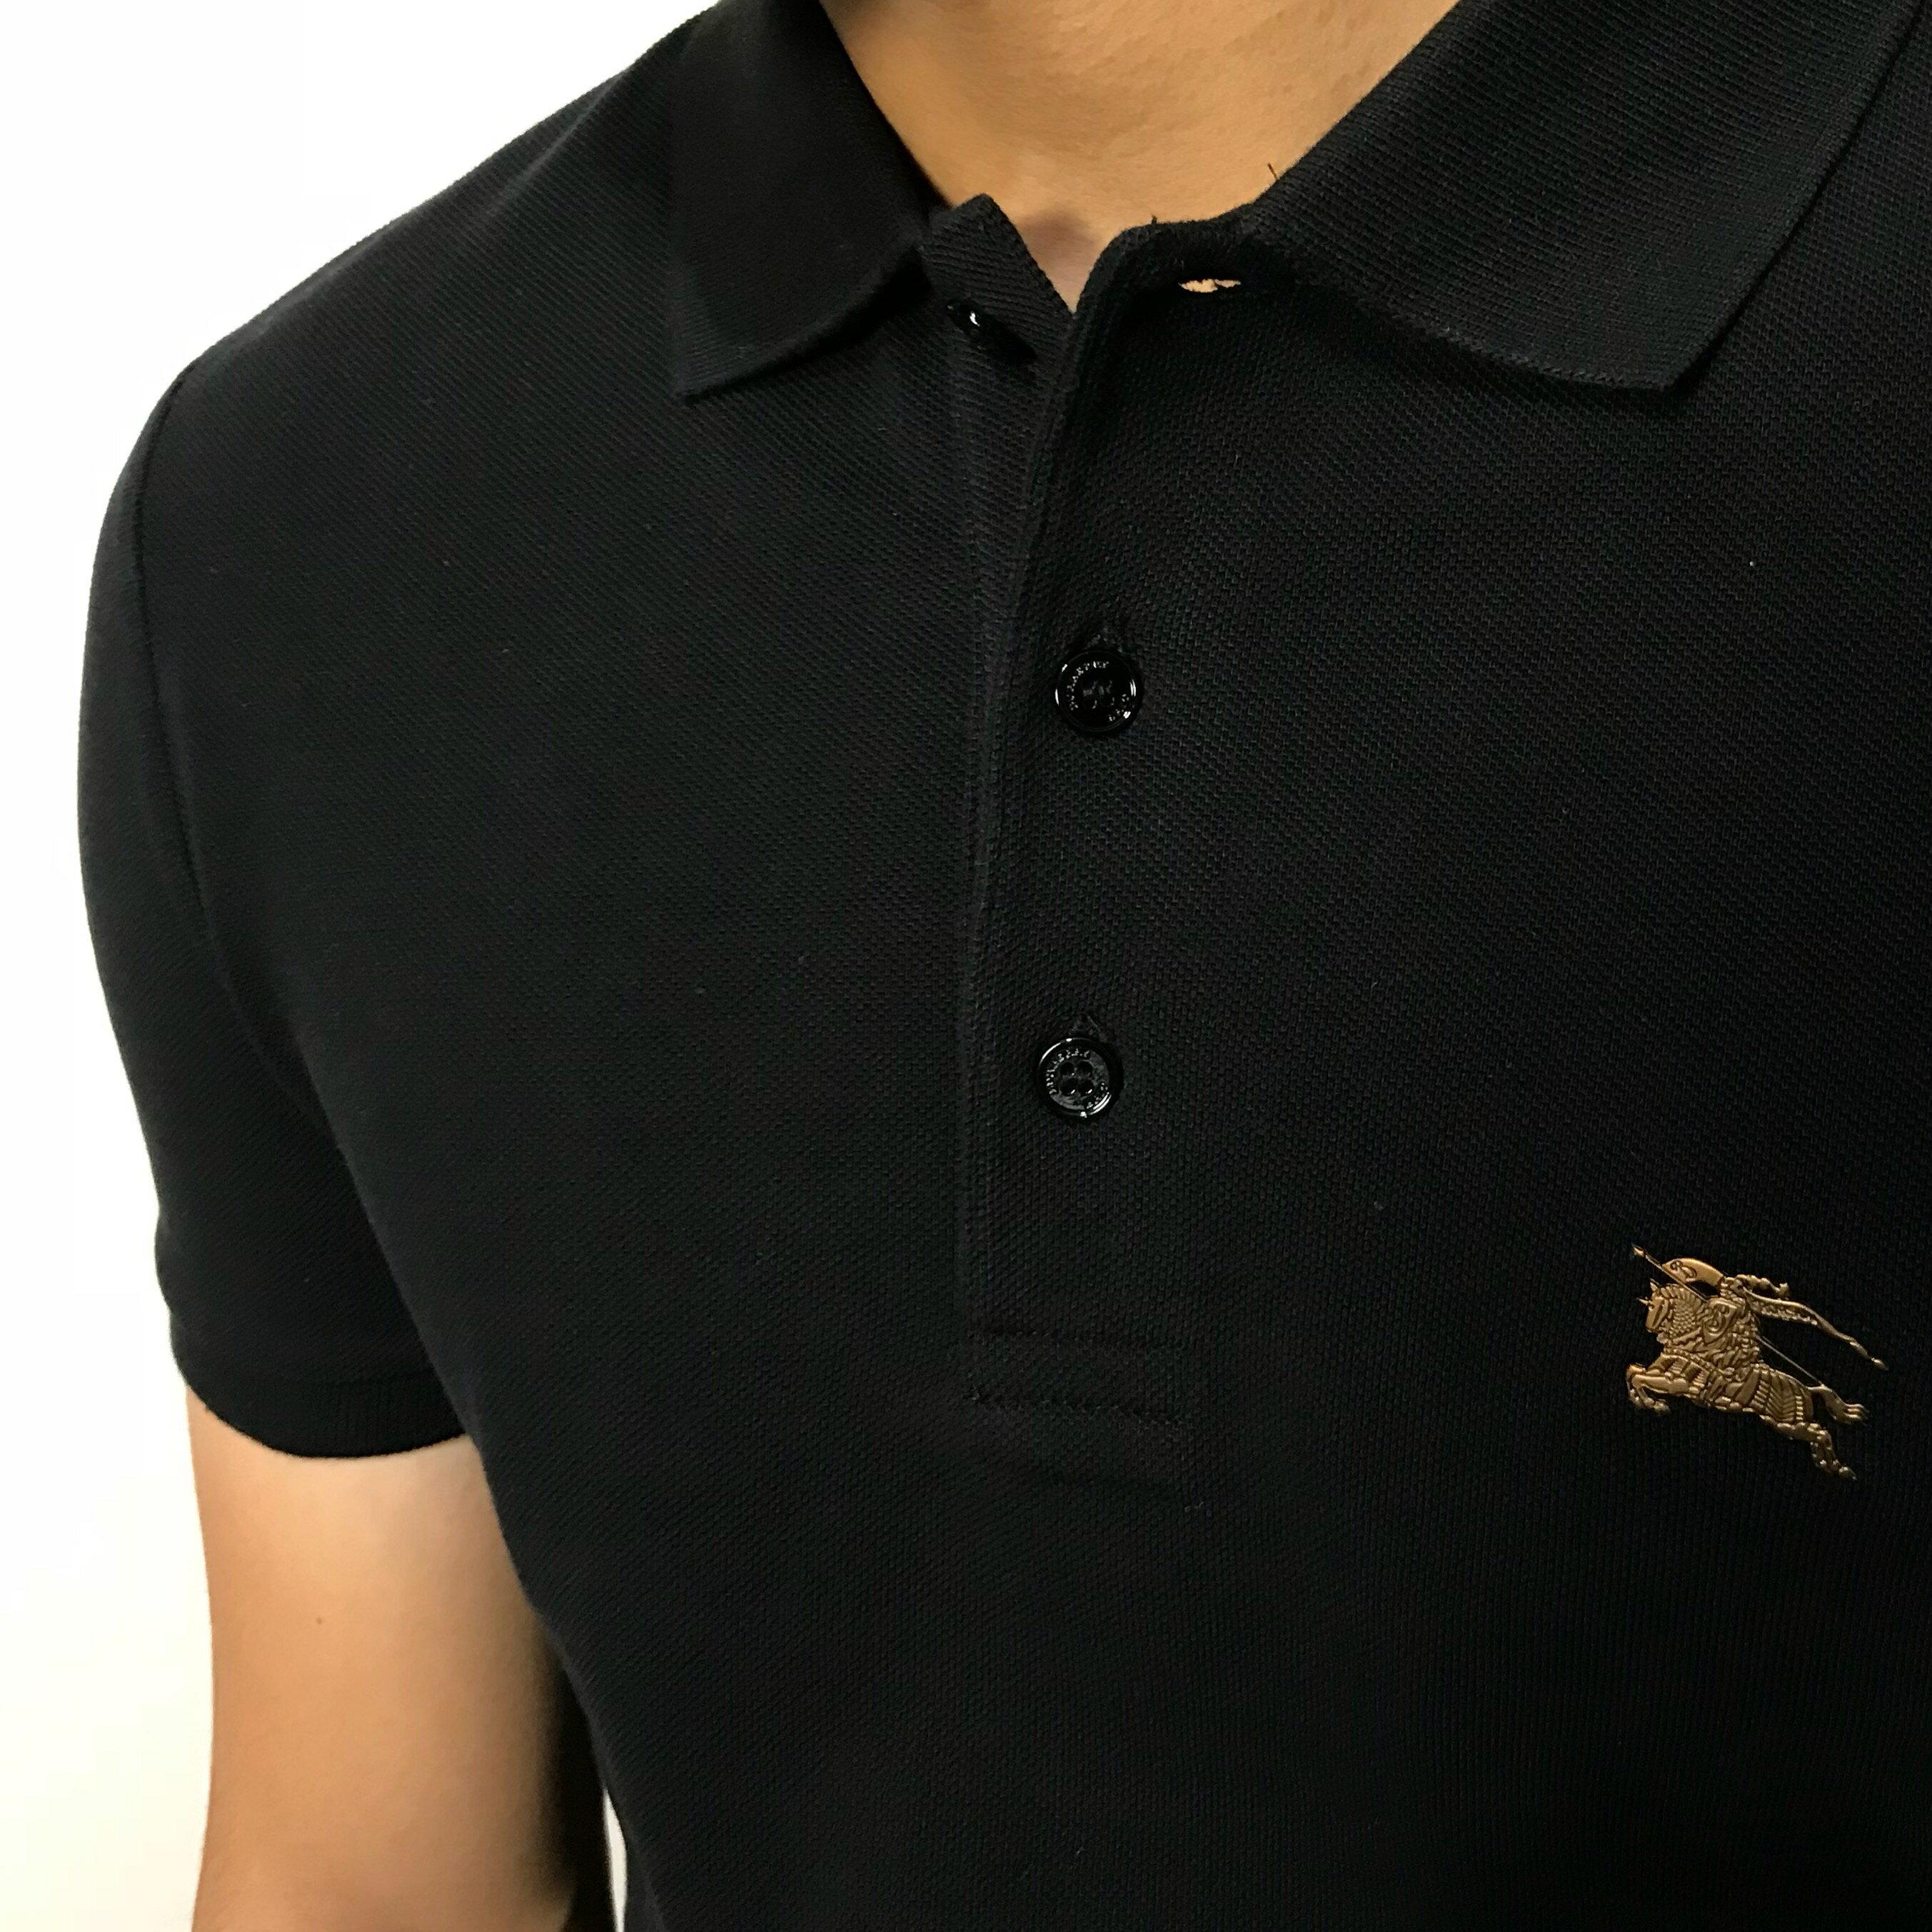 美國百分百【全新真品】Burberry 短袖 polo衫 素面 金戰馬 logo 英倫 精品 黑色 J698